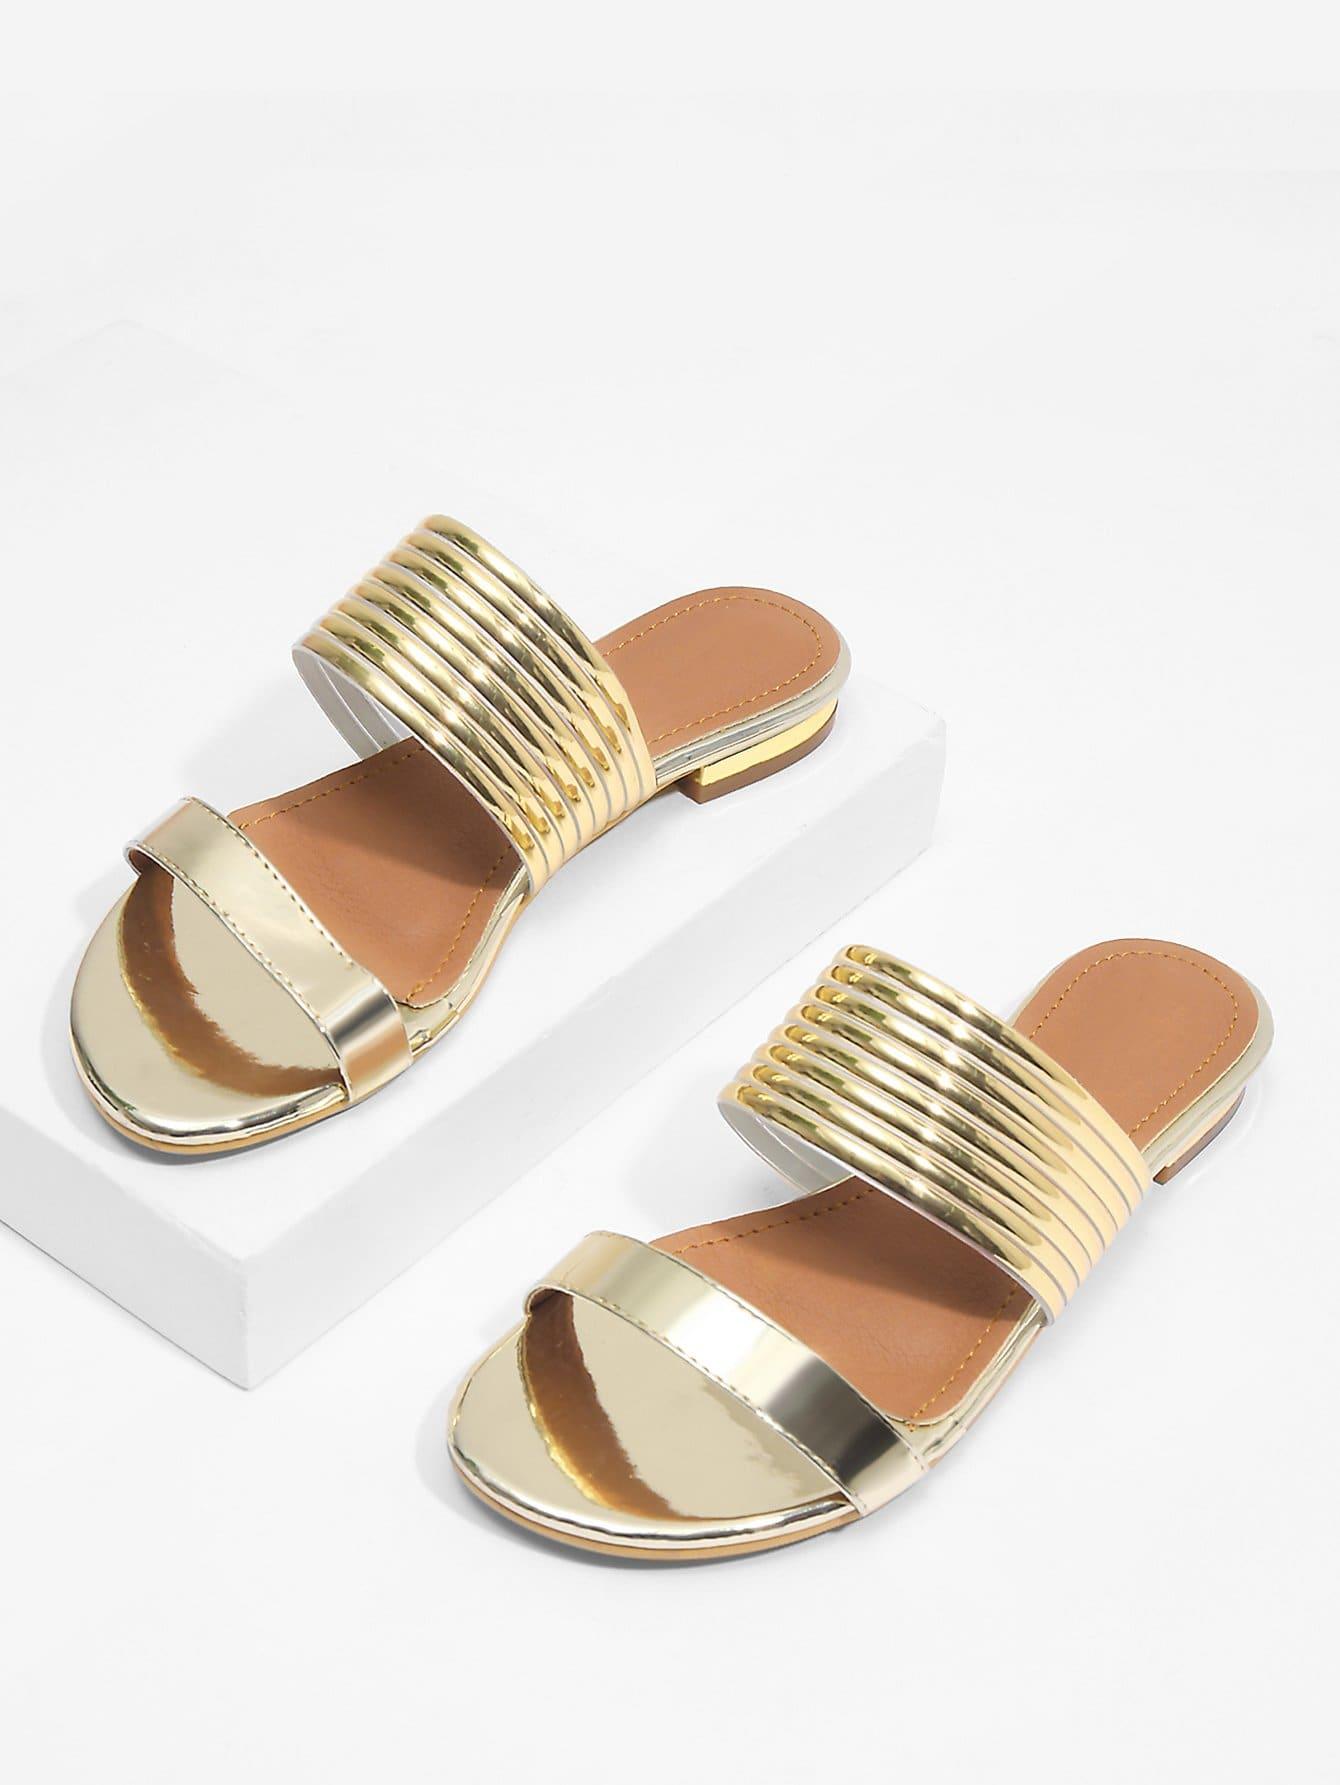 Metallic Flat PU Sandals metallic strappy flat sandals